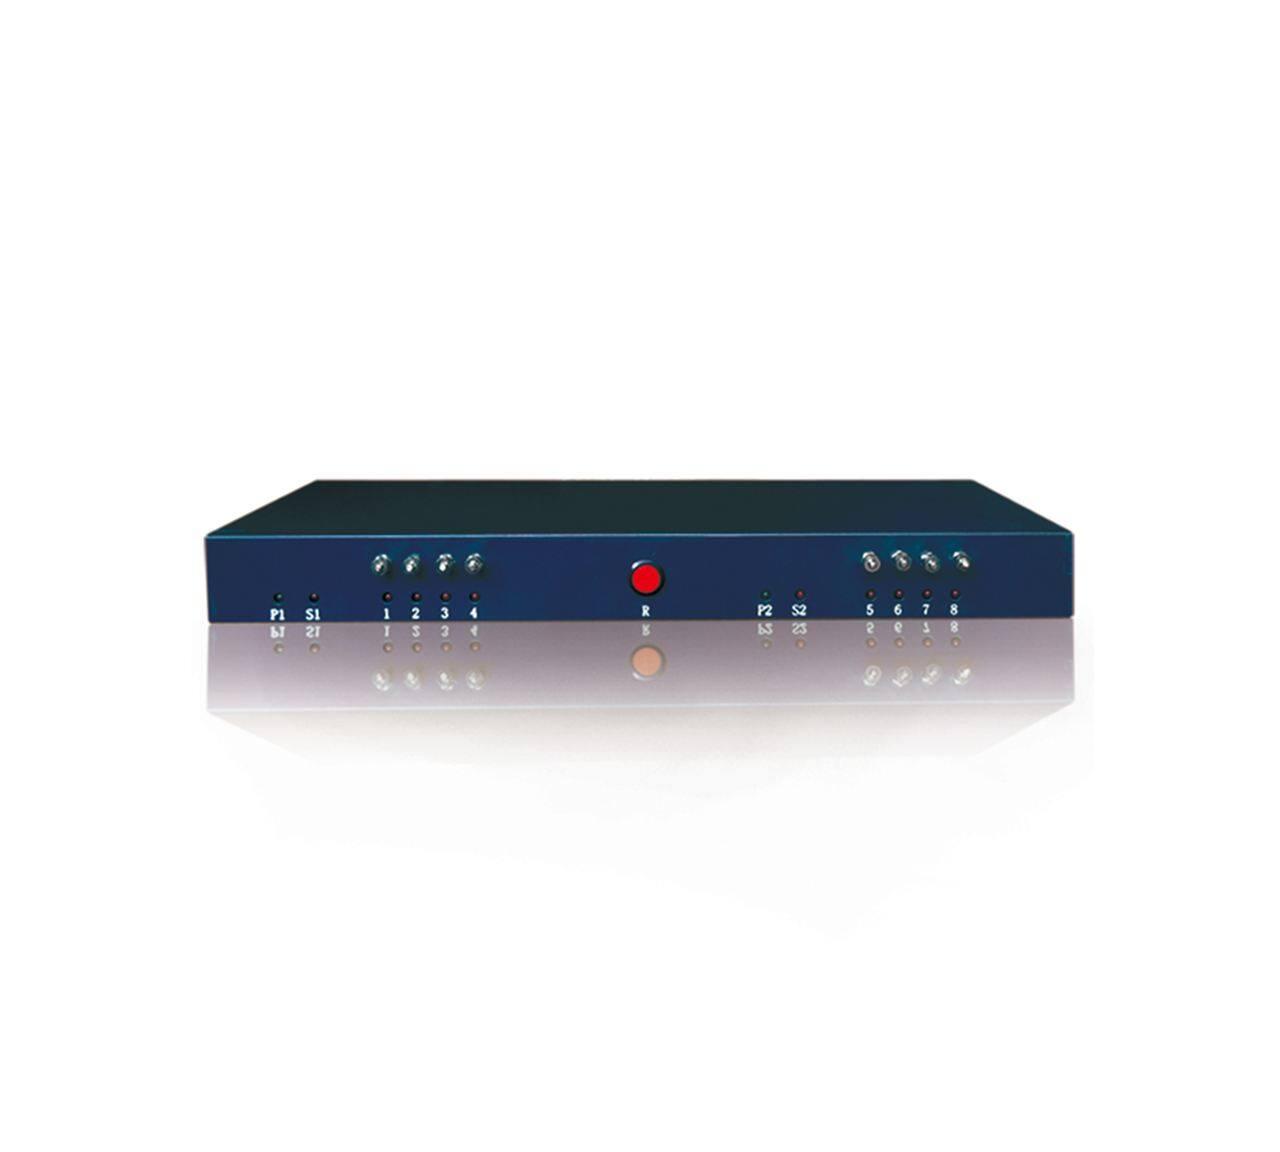 振動探測器誤報率原理分析